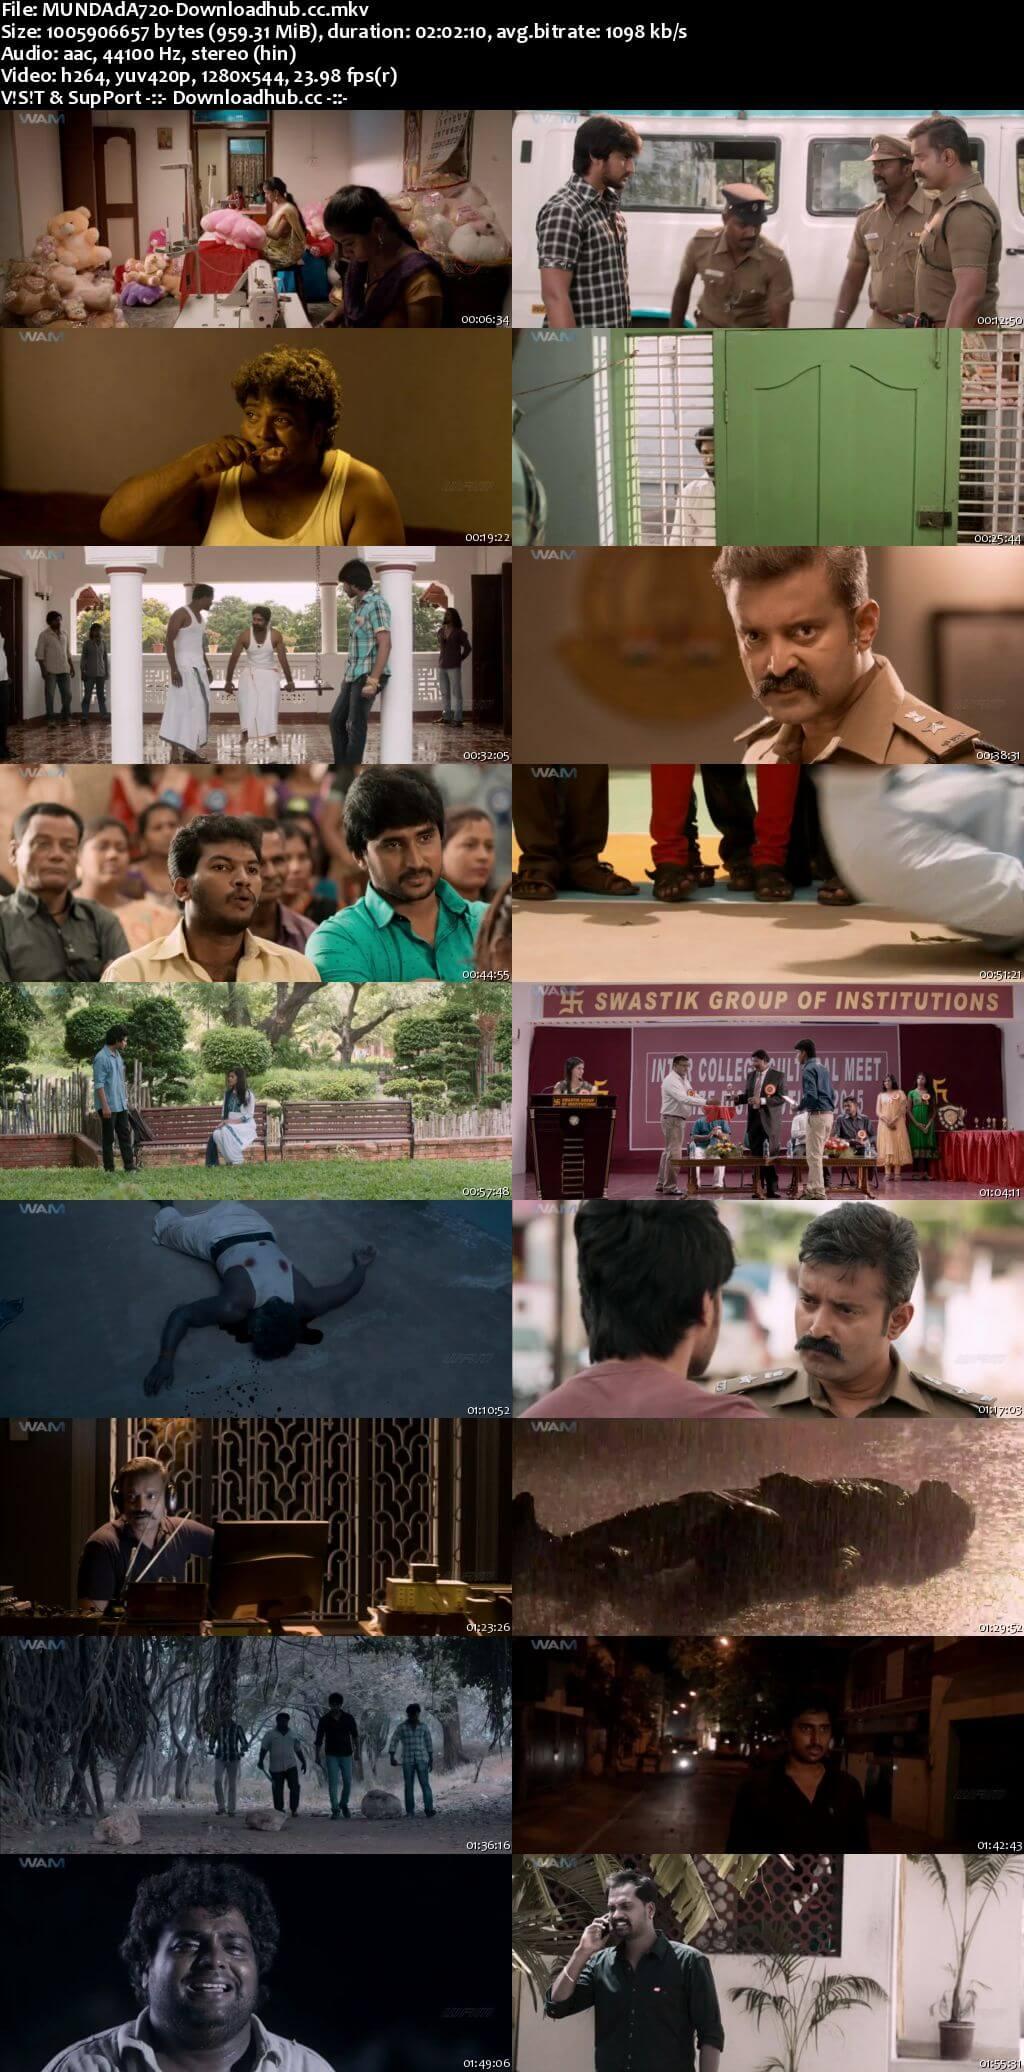 Munna Dada 2018 Hindi Dubbed 720p HDRip x264